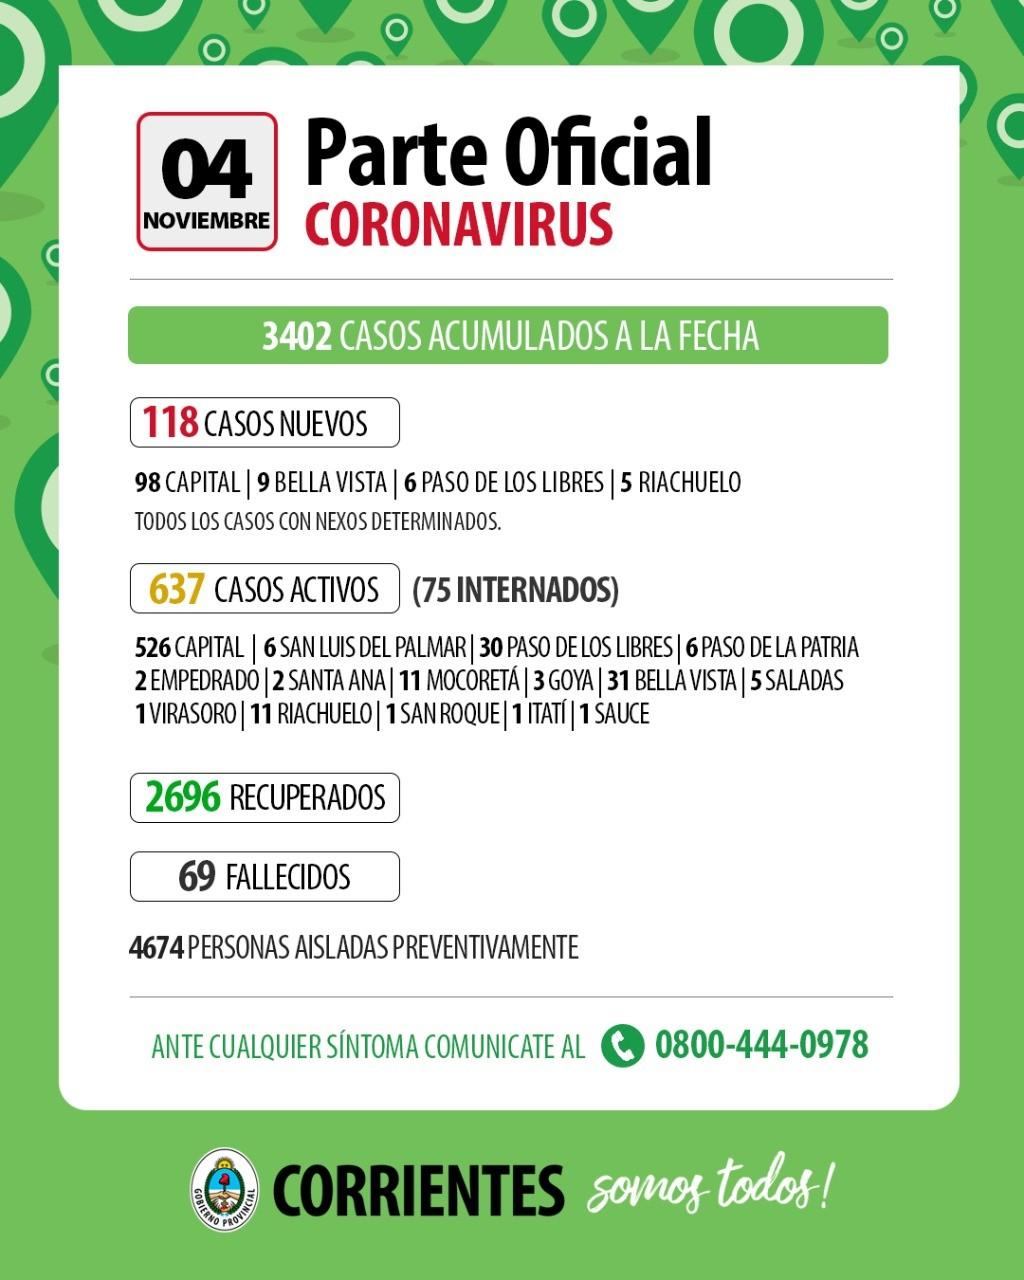 Corrientes con otra jornada récord de contagios por COVID-19, informan de 118 casos